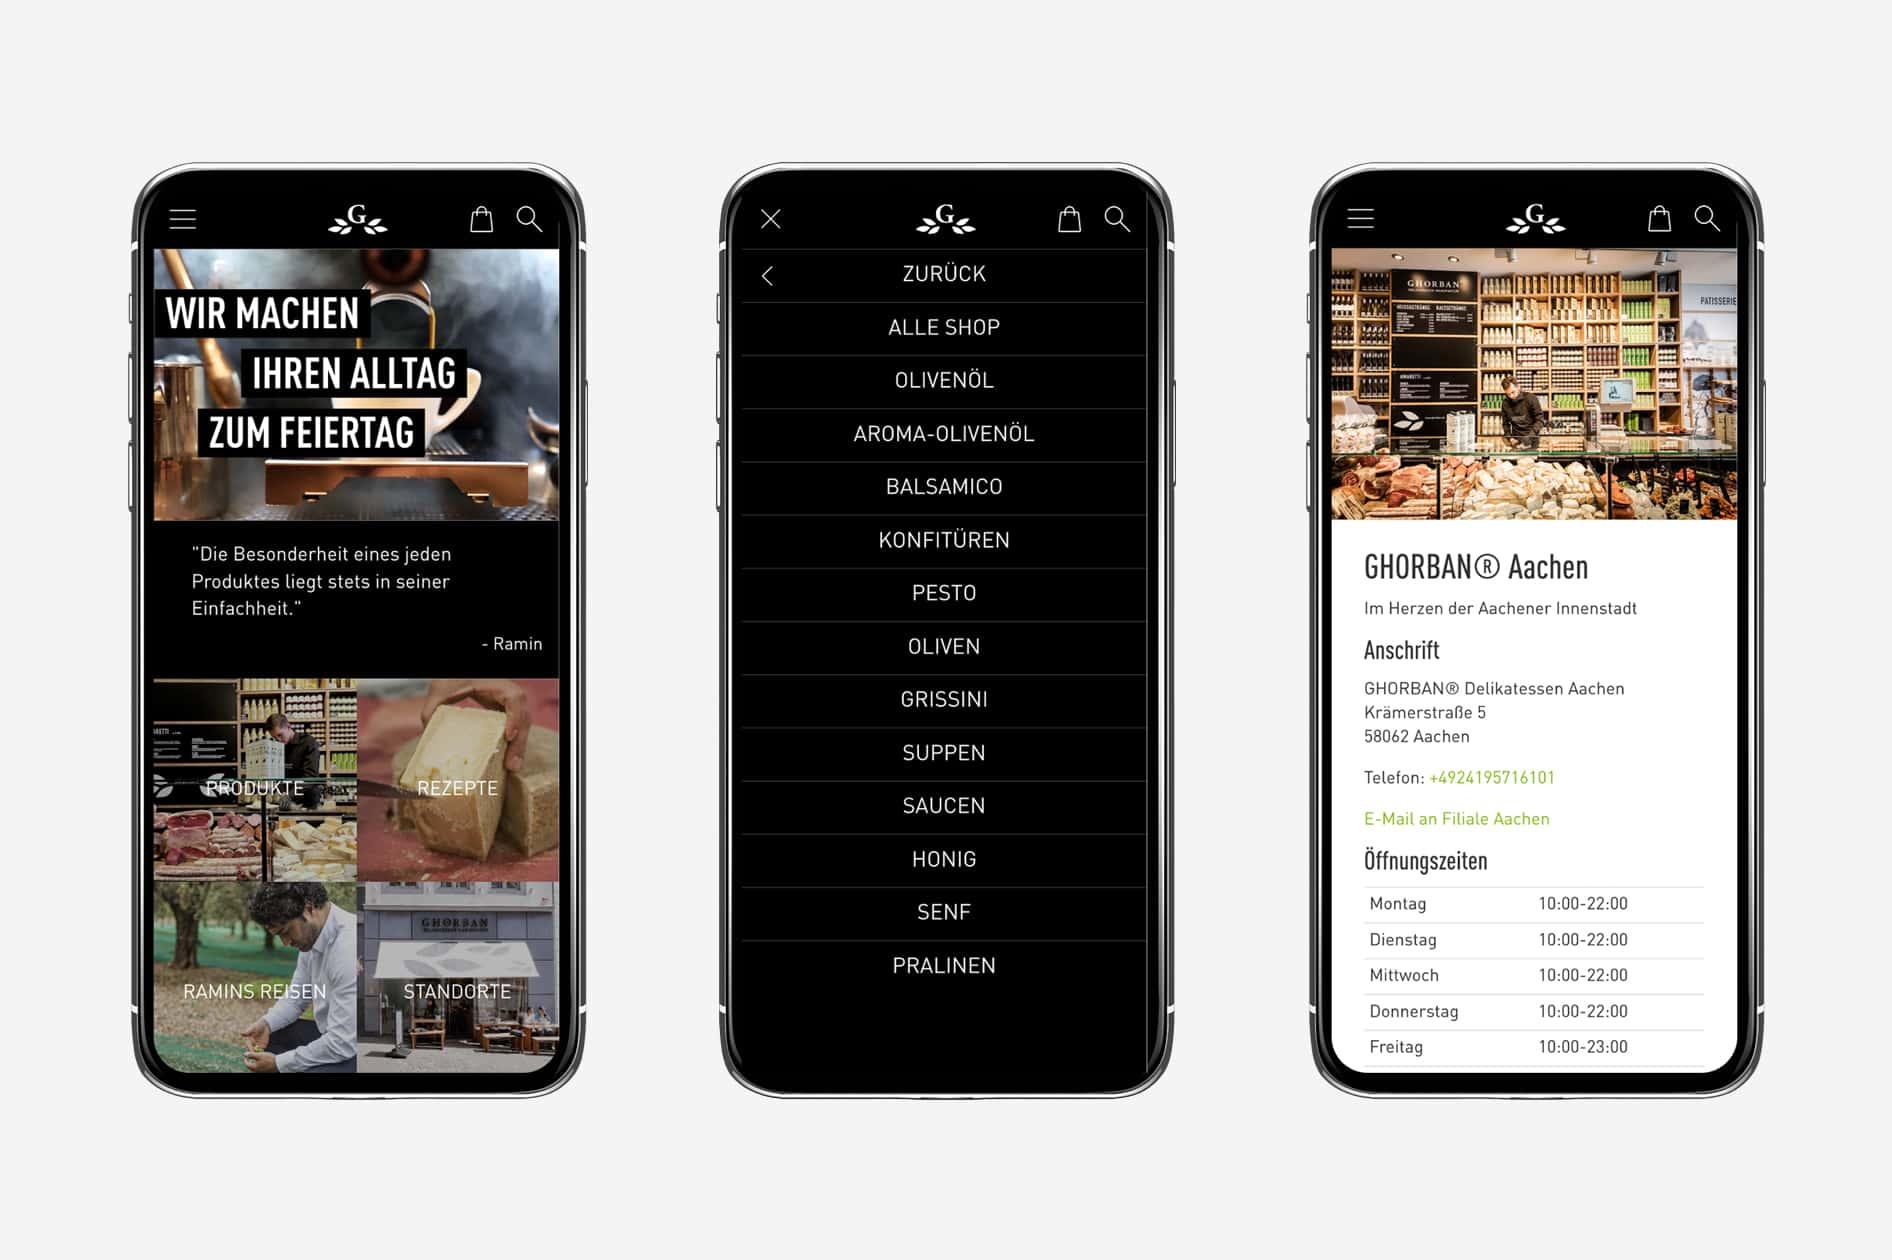 Ghorban - Website auf Smartphone